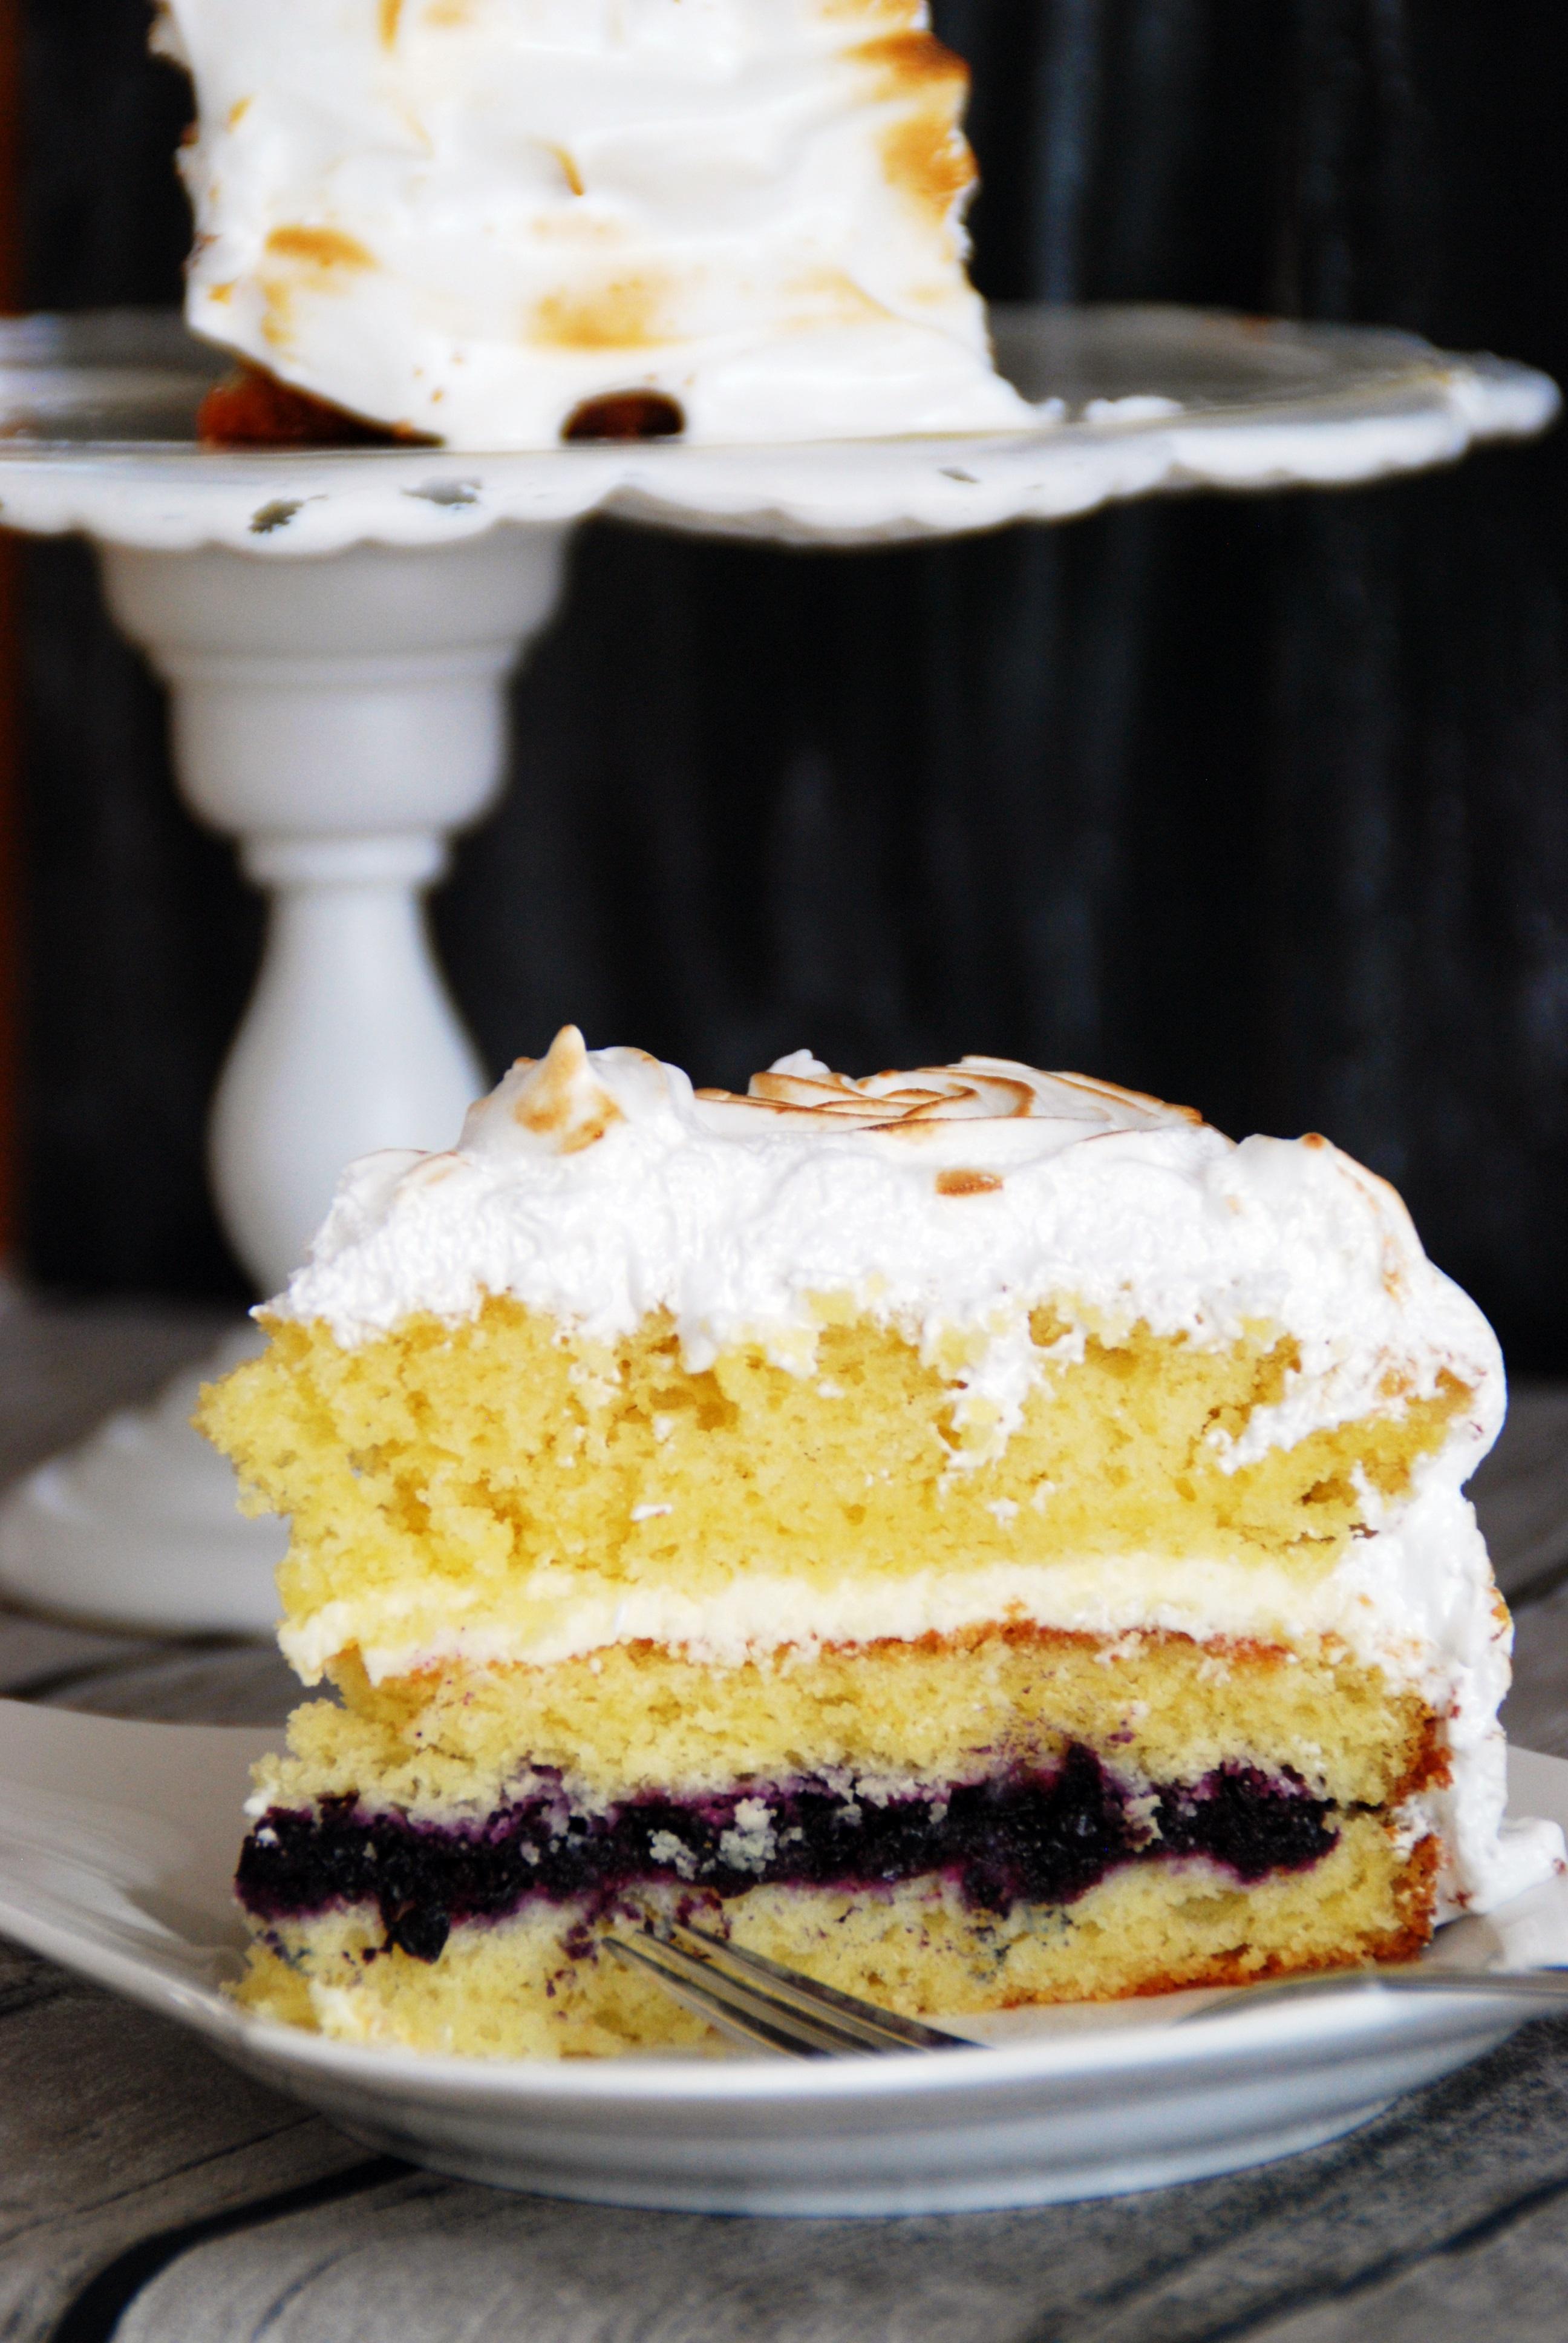 Marshmallo Fluff Torte